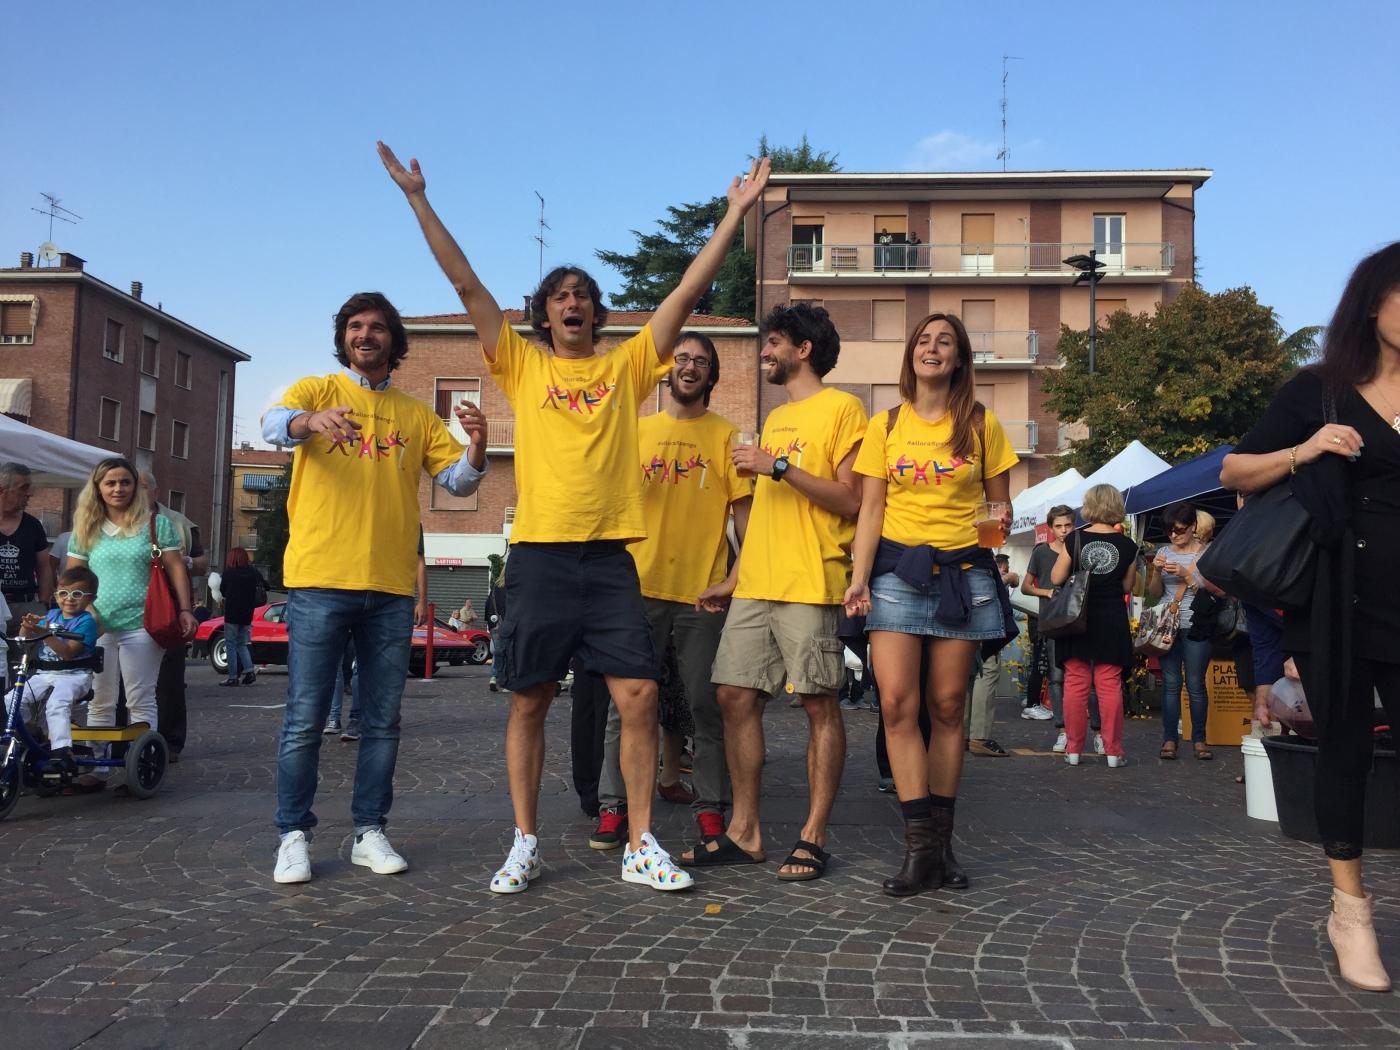 e.w. piazza